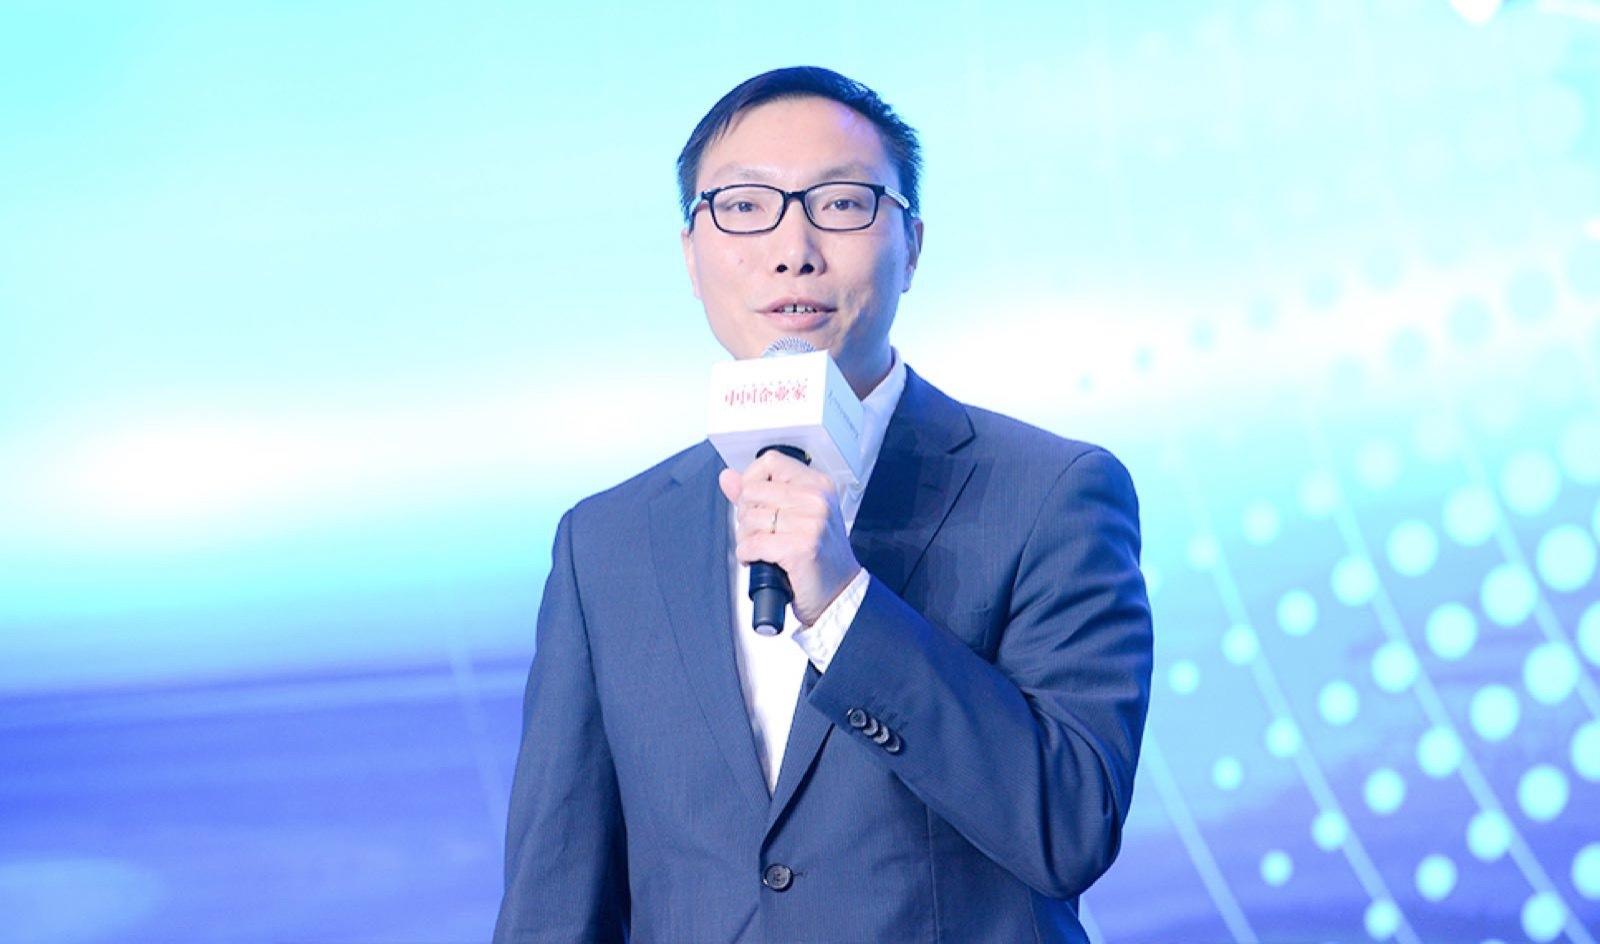 菜鸟总裁万霖:未来3至5年是中国物流智能化关键